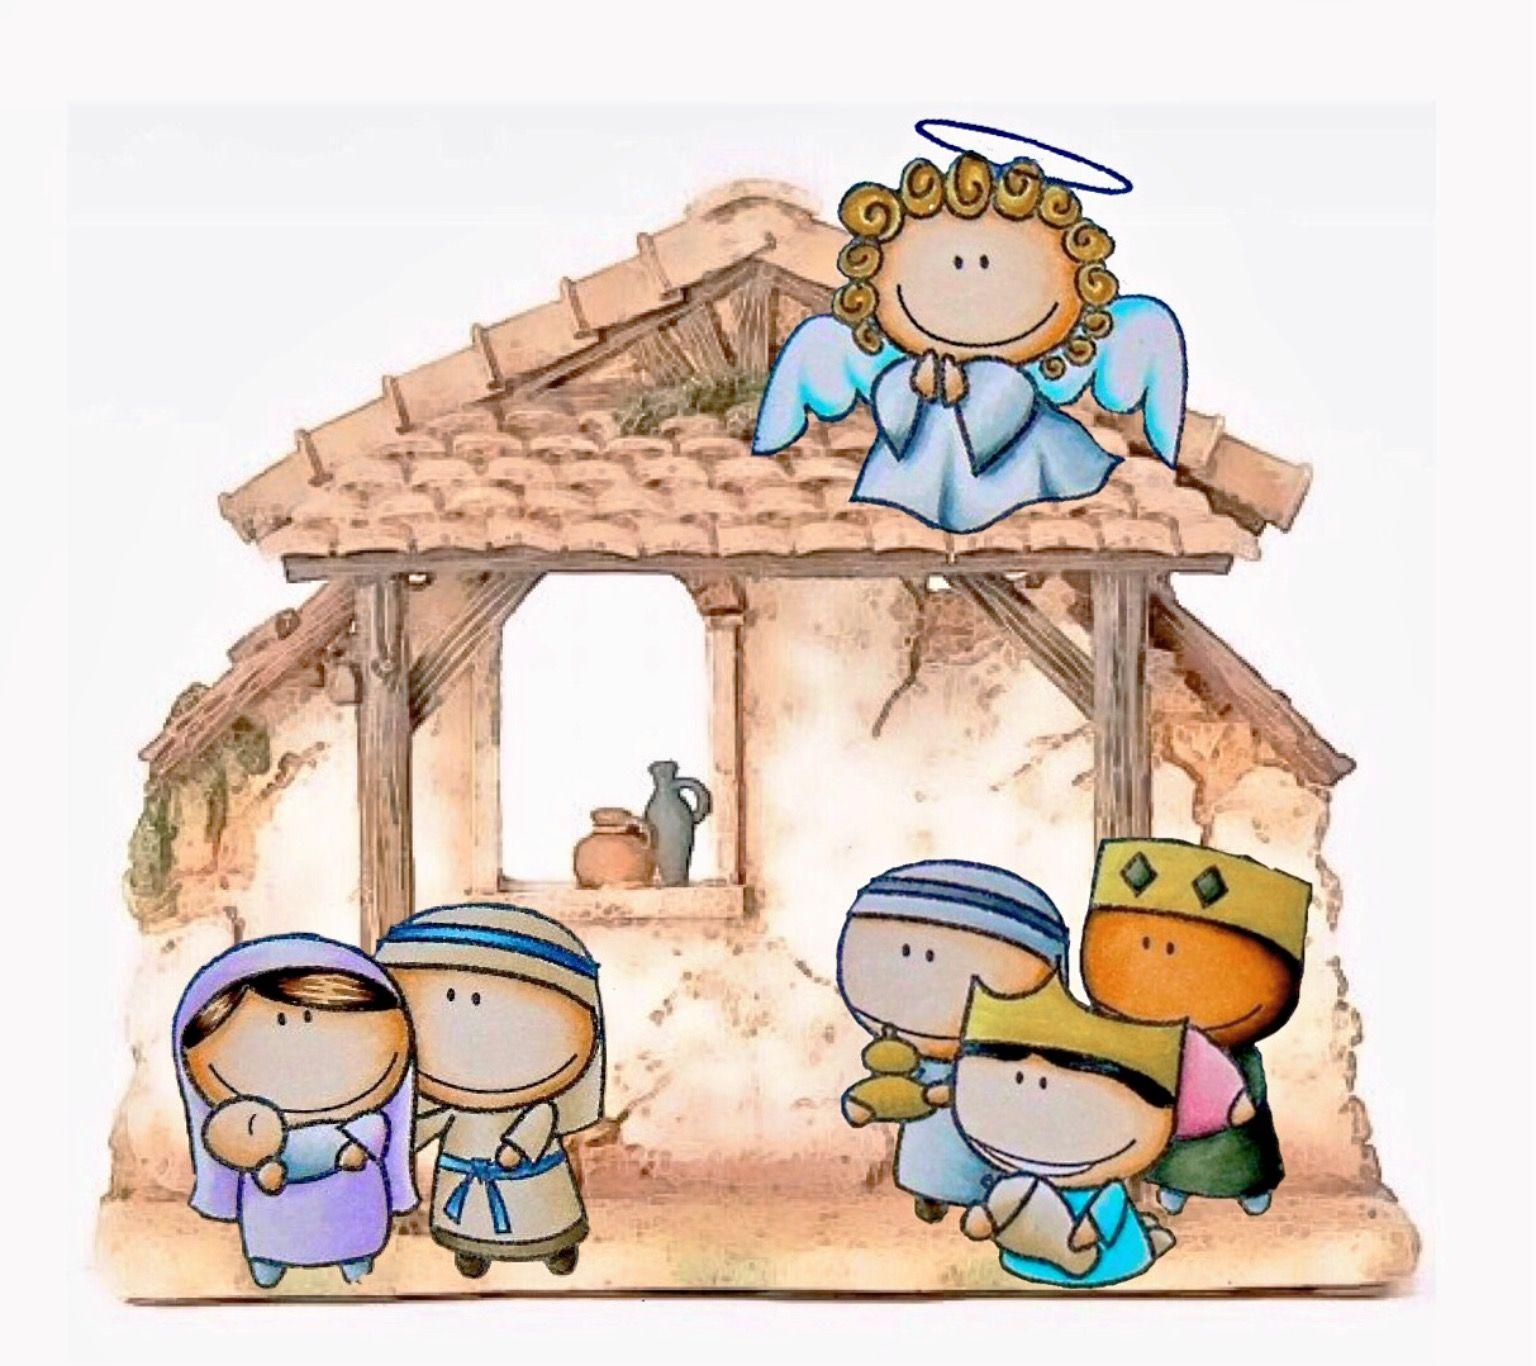 Día de Reyes, Pesebre, nacimiento niño jesus, reyes magos, 6 de ...